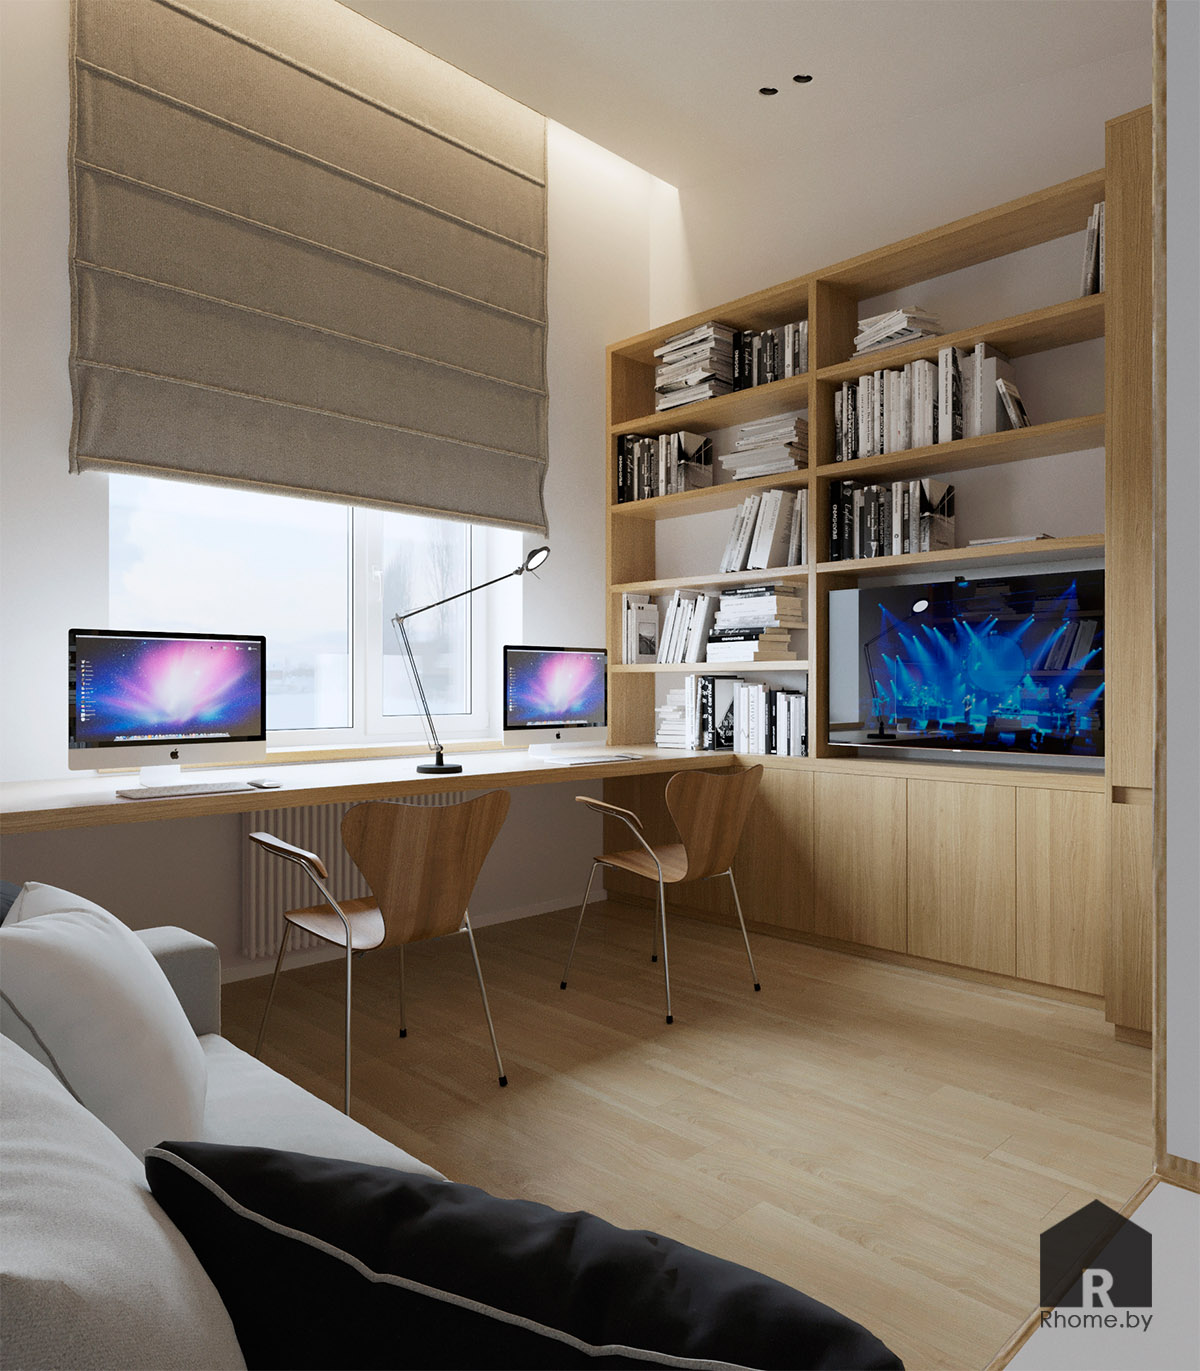 Дизайн интерьера комнаты в Березовой роще   Дизайн студия – Rhome.by